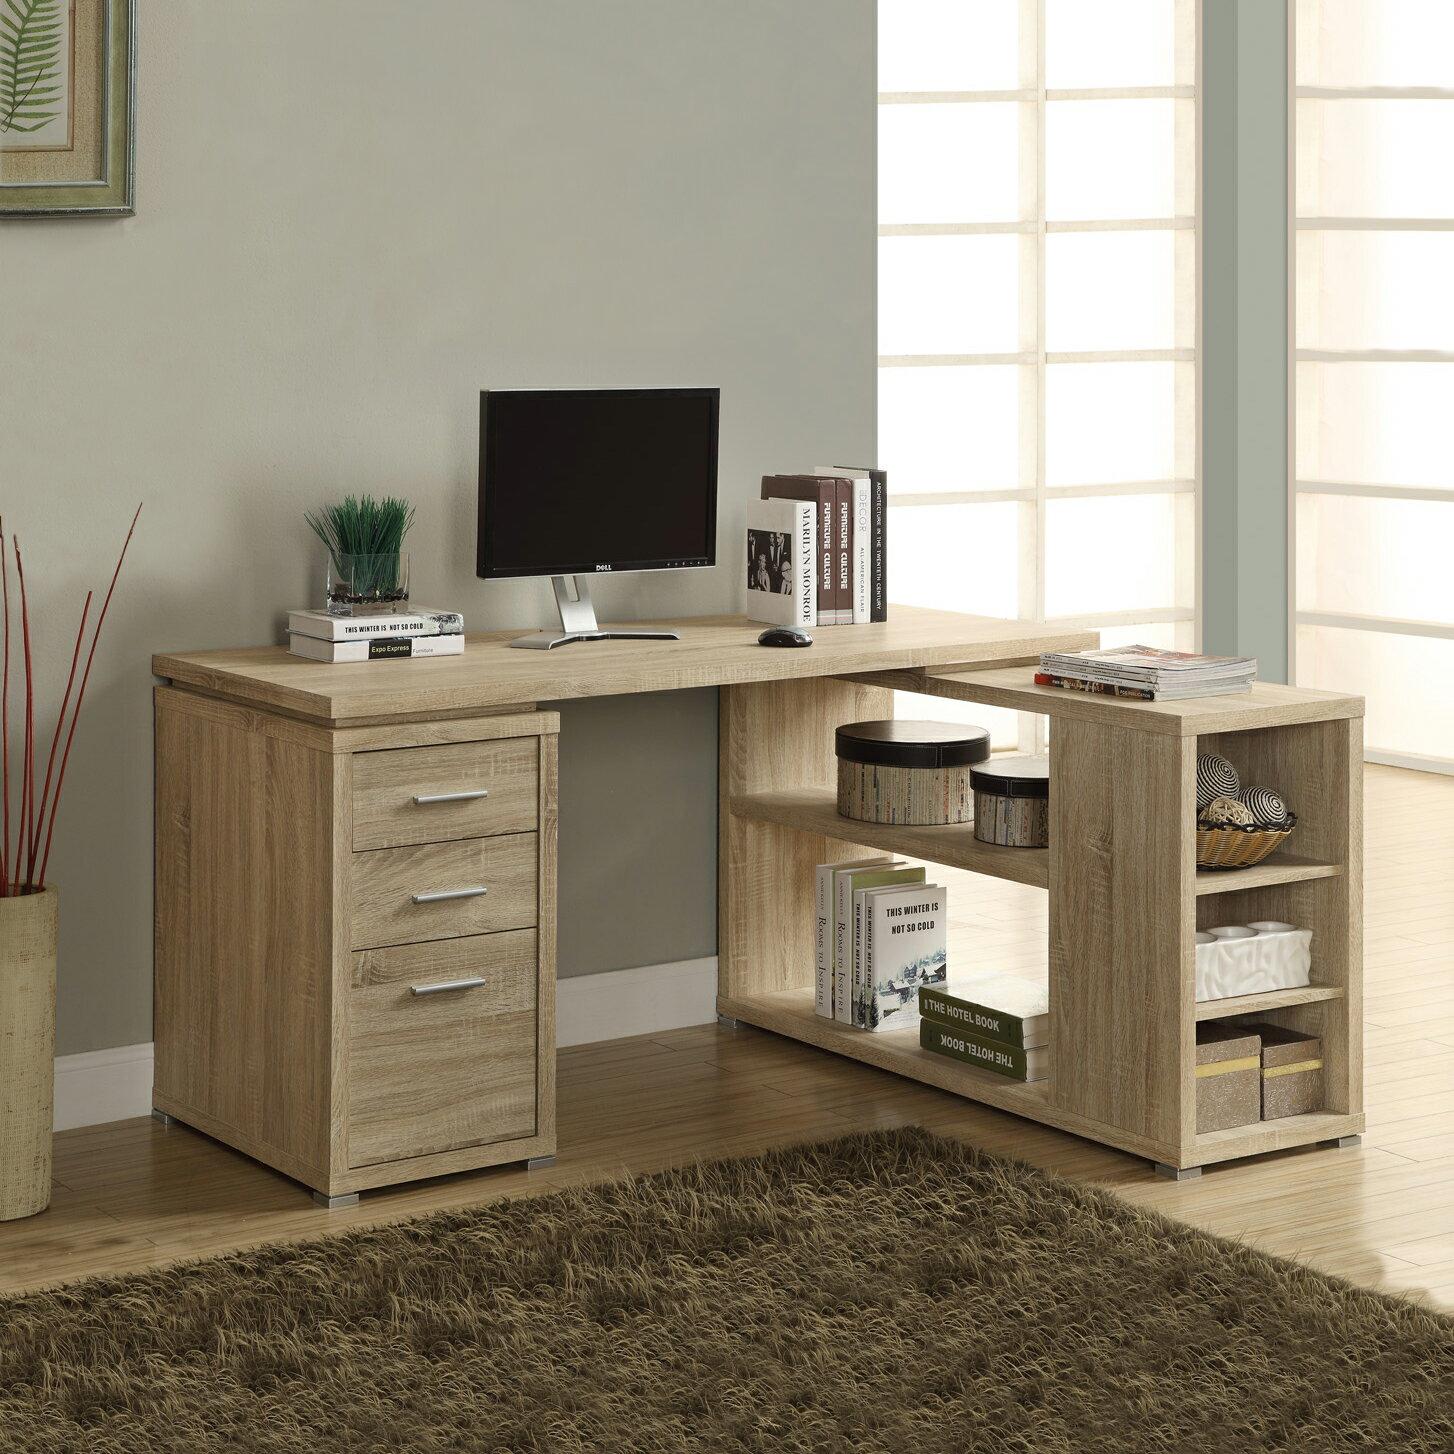 複合式電腦書桌   淺木色    書桌   辦公桌  電腦桌   工作桌   DIY 傢俱